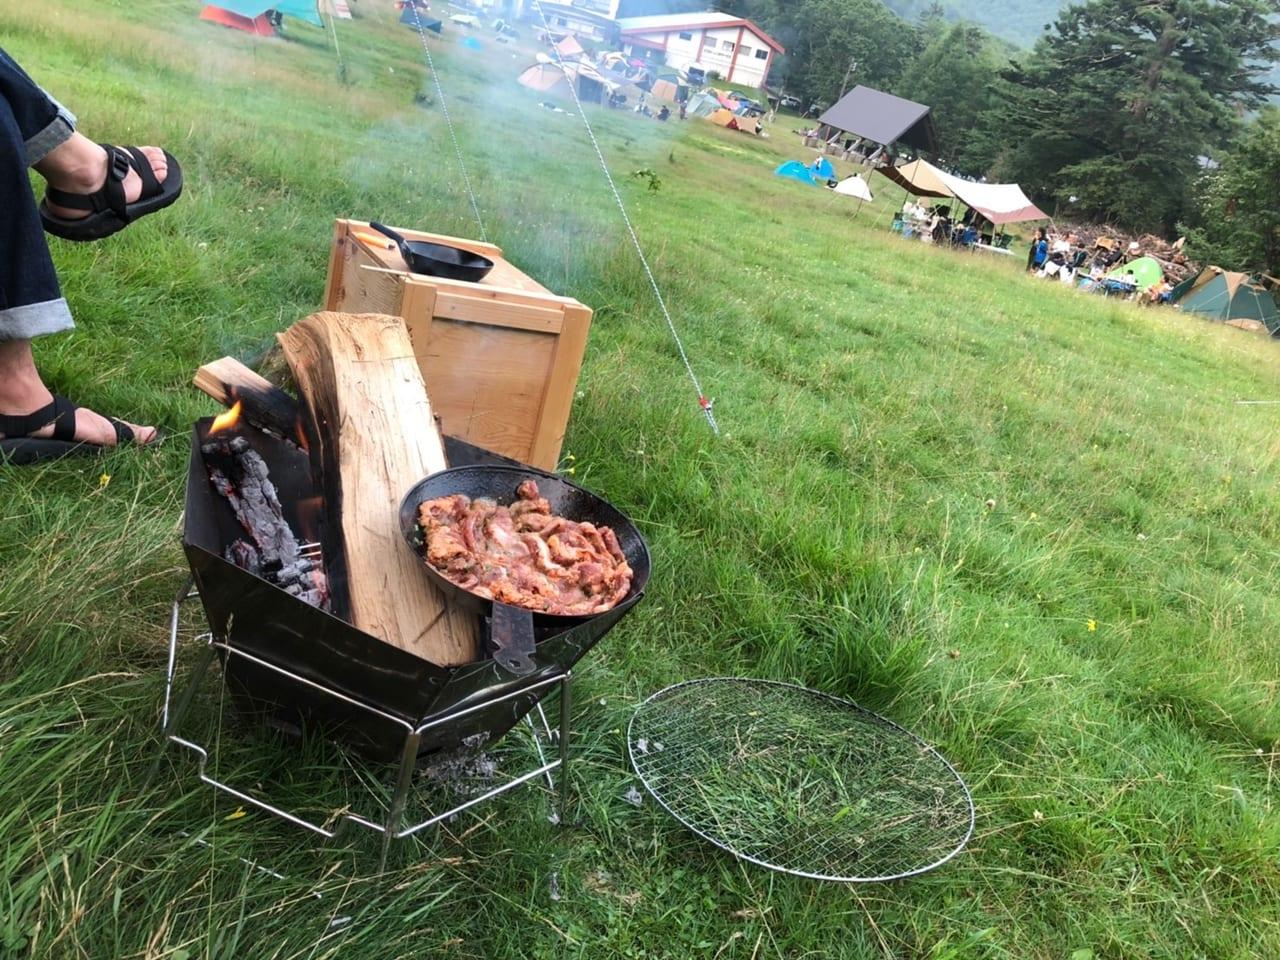 焚き火台で料理を楽しむ風景